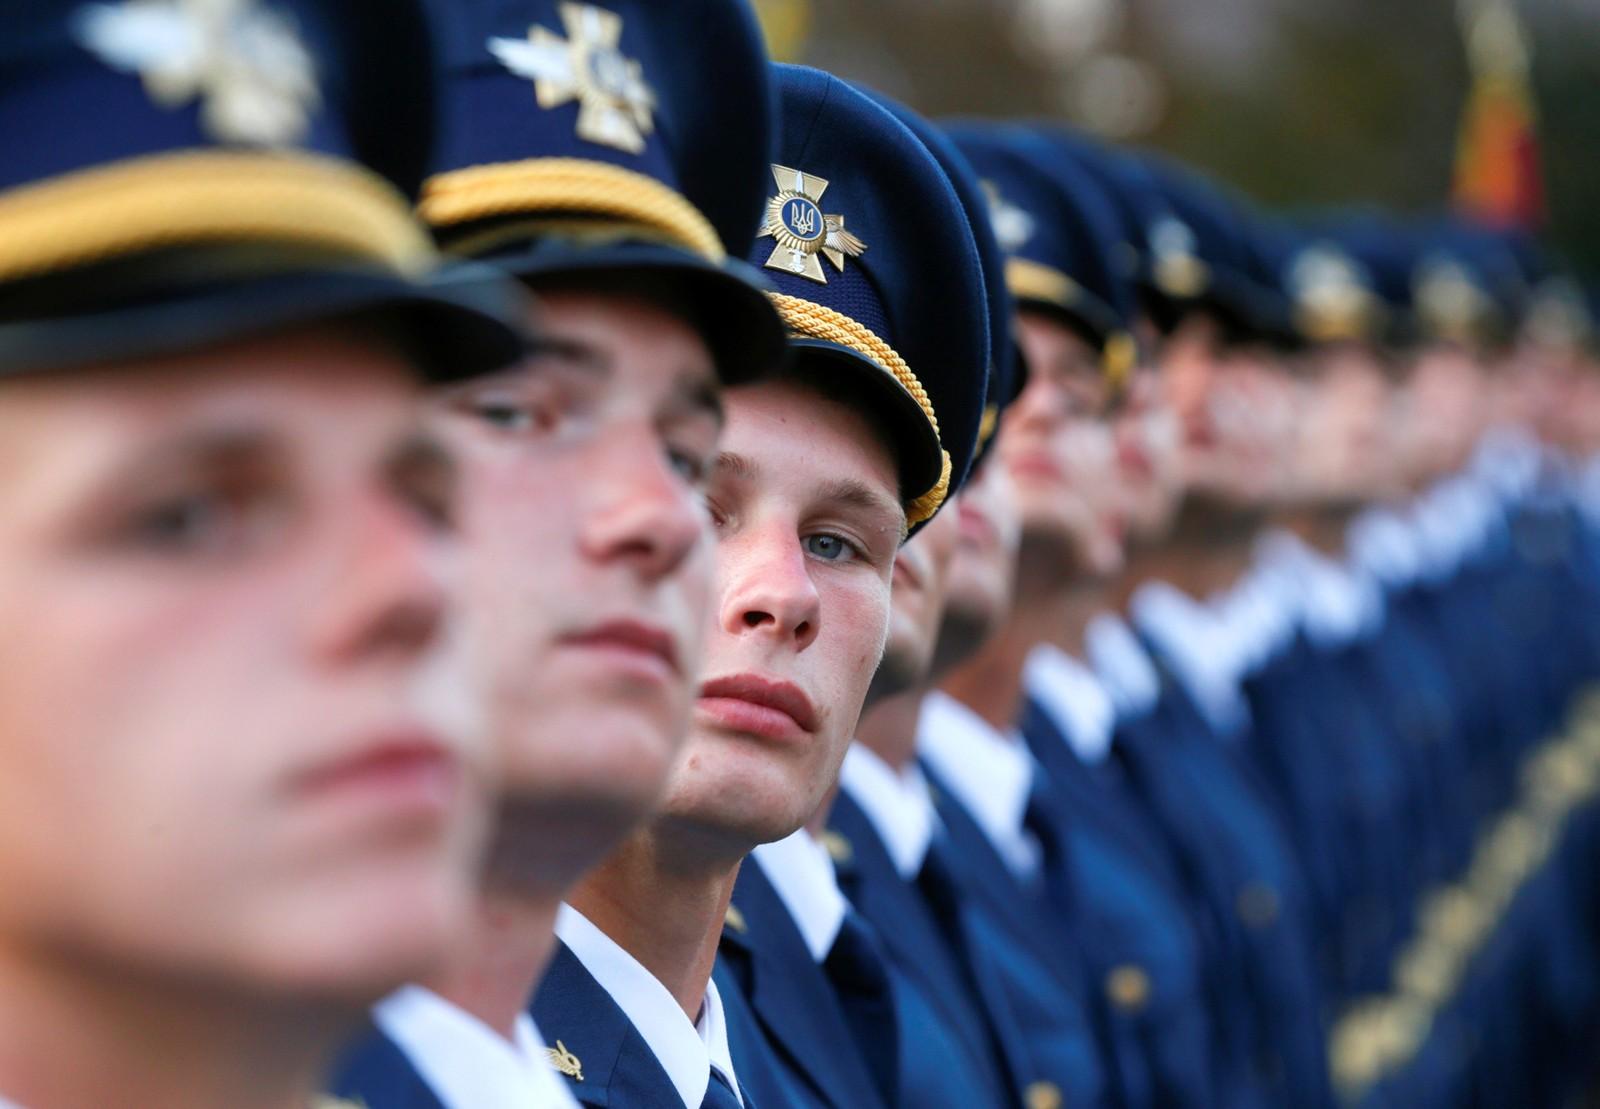 Ukrainske militære tjenestemenn står på rekke under en øvelse til nasjonaldagen i Kiev den 22. august. Nasjonaldagen ble feiret den 24. august.